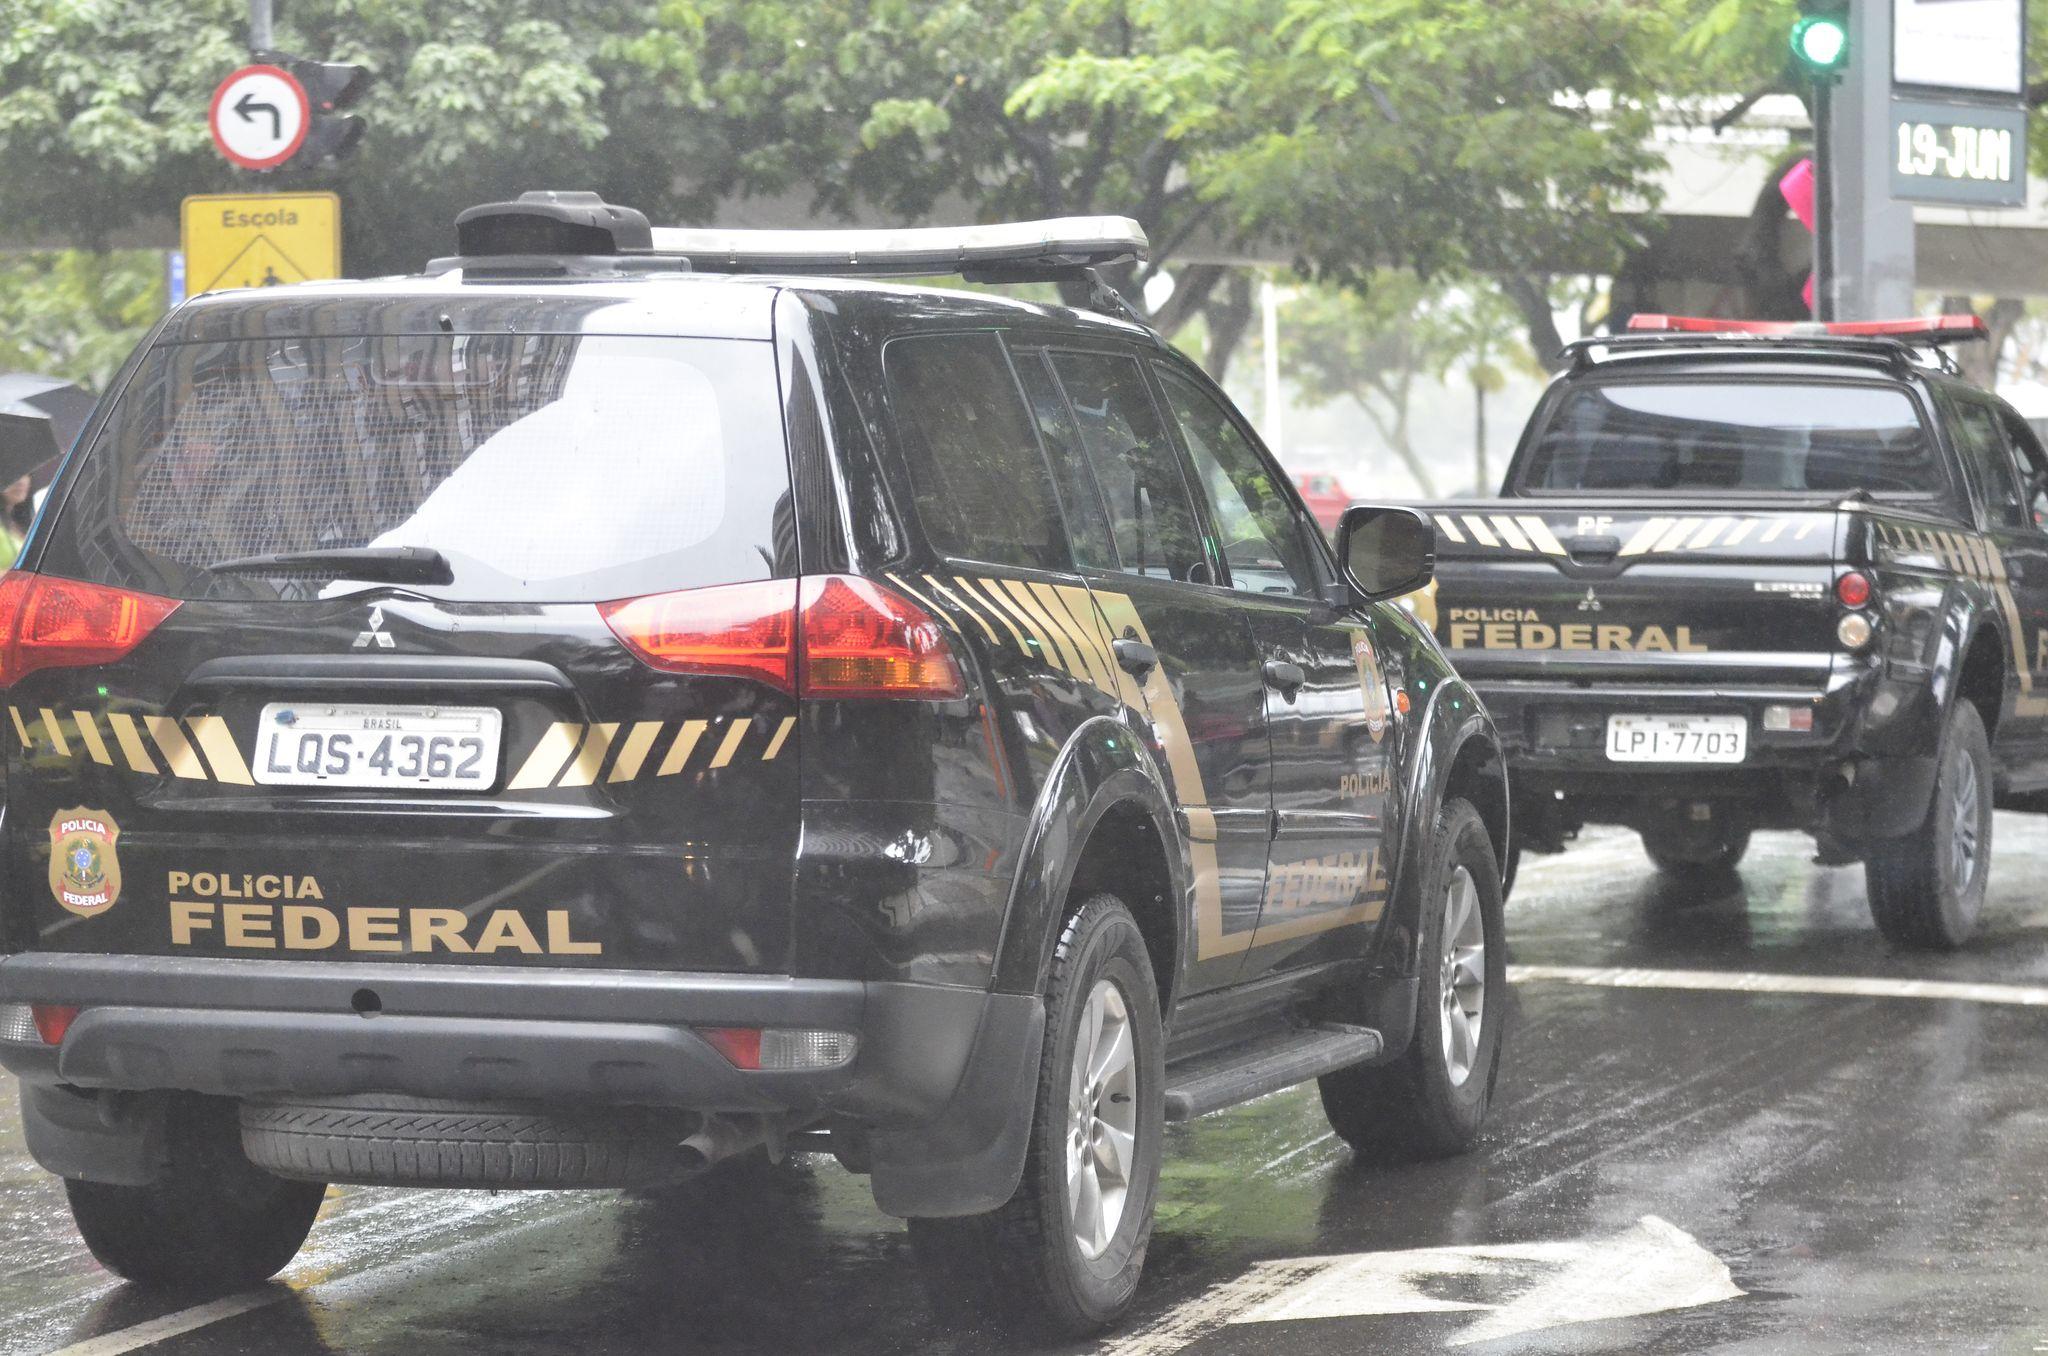 Investigados na Operação Lava Jato são transferidos para penitenciária